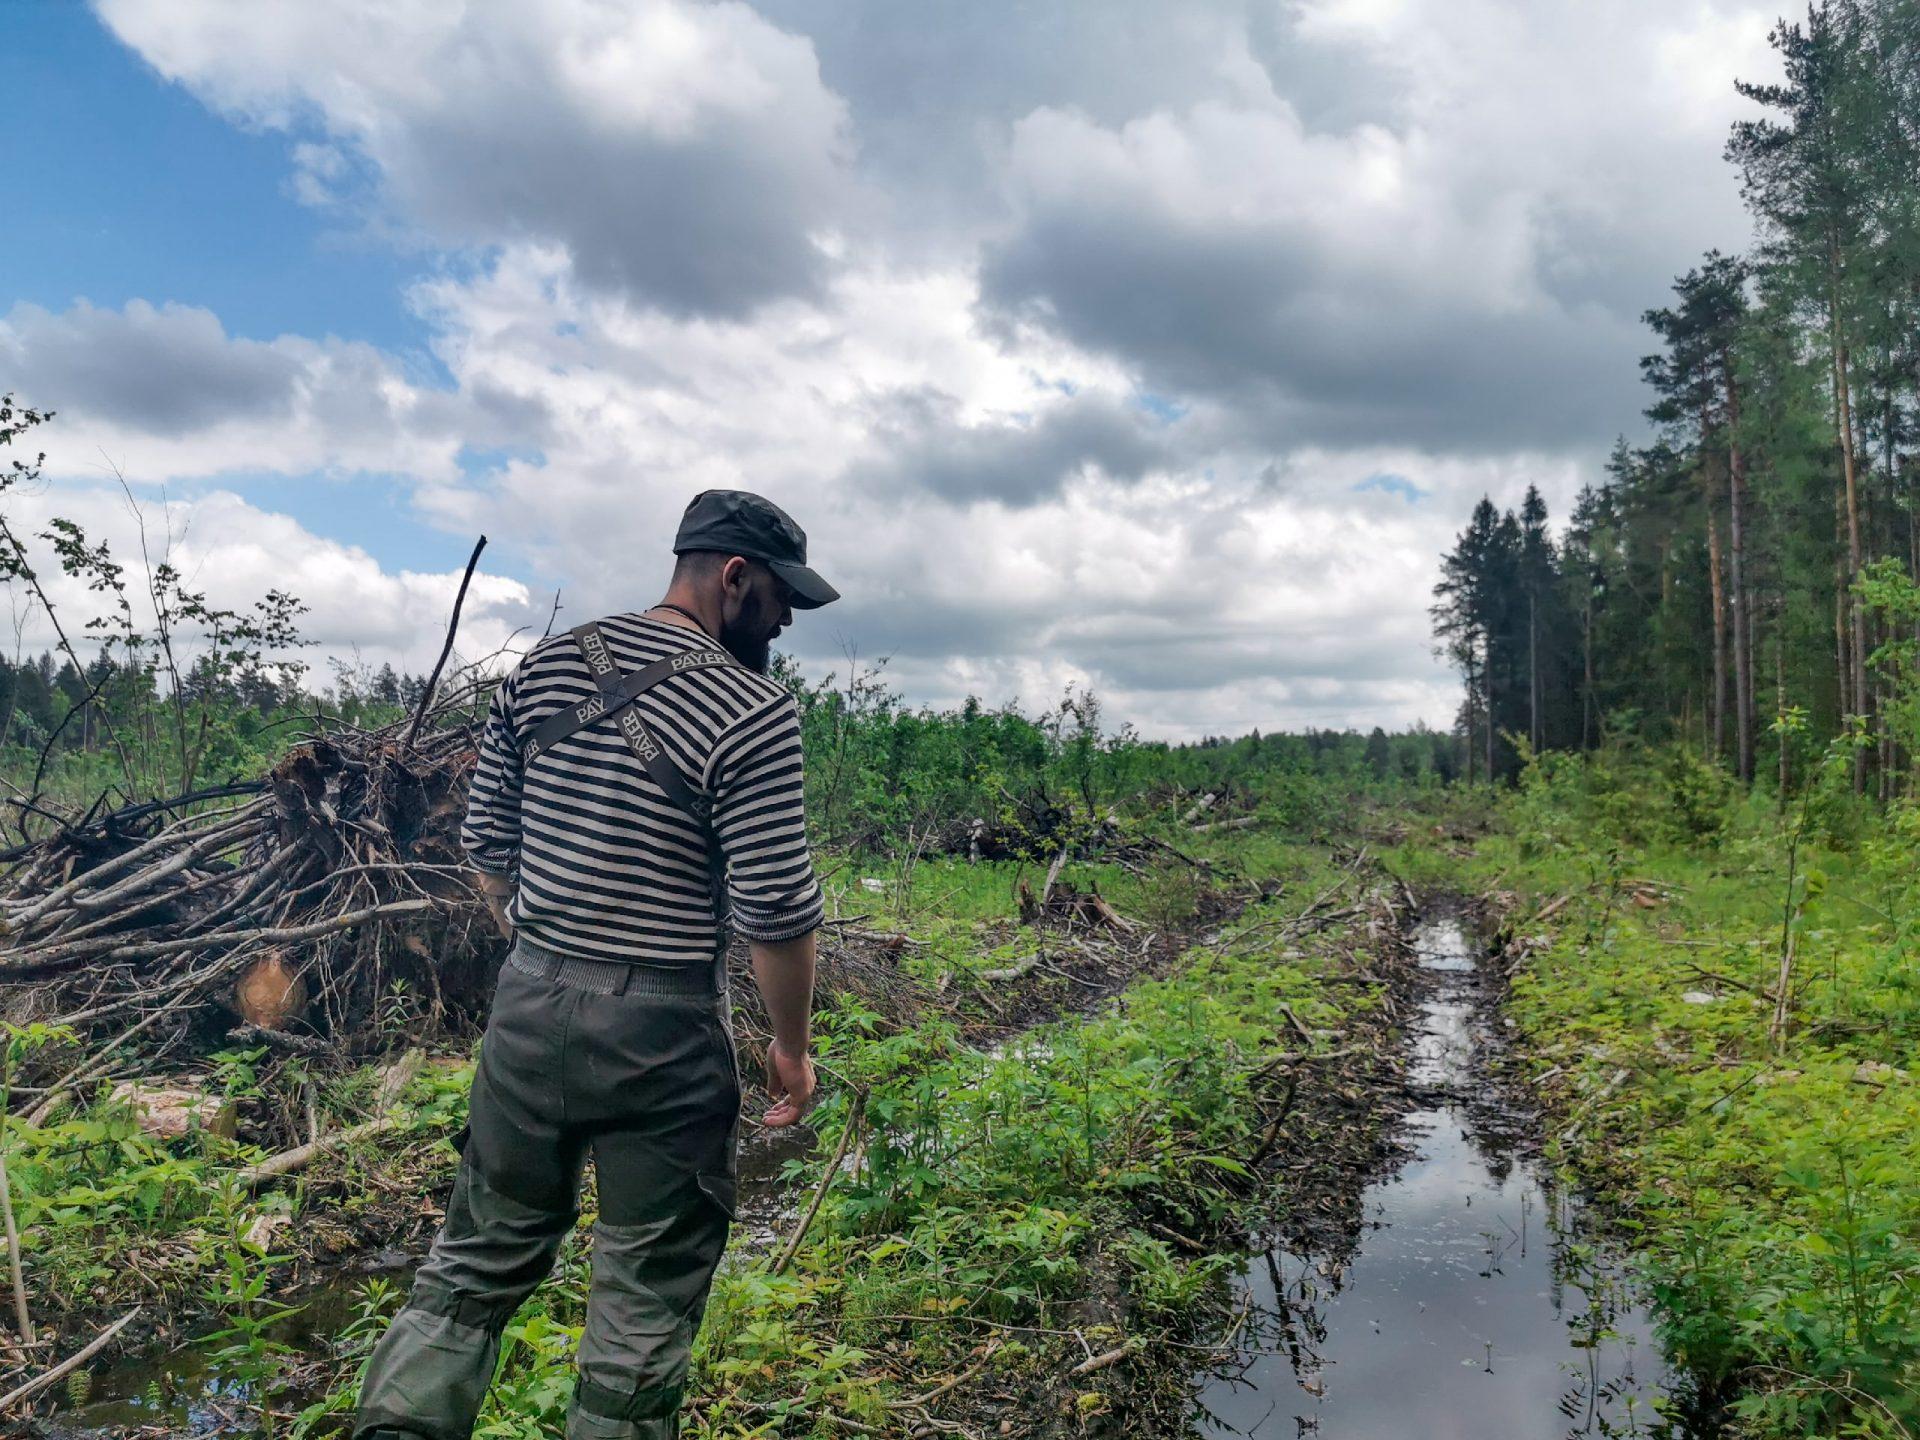 Положительные тенденции властей в защите Русской Тайги